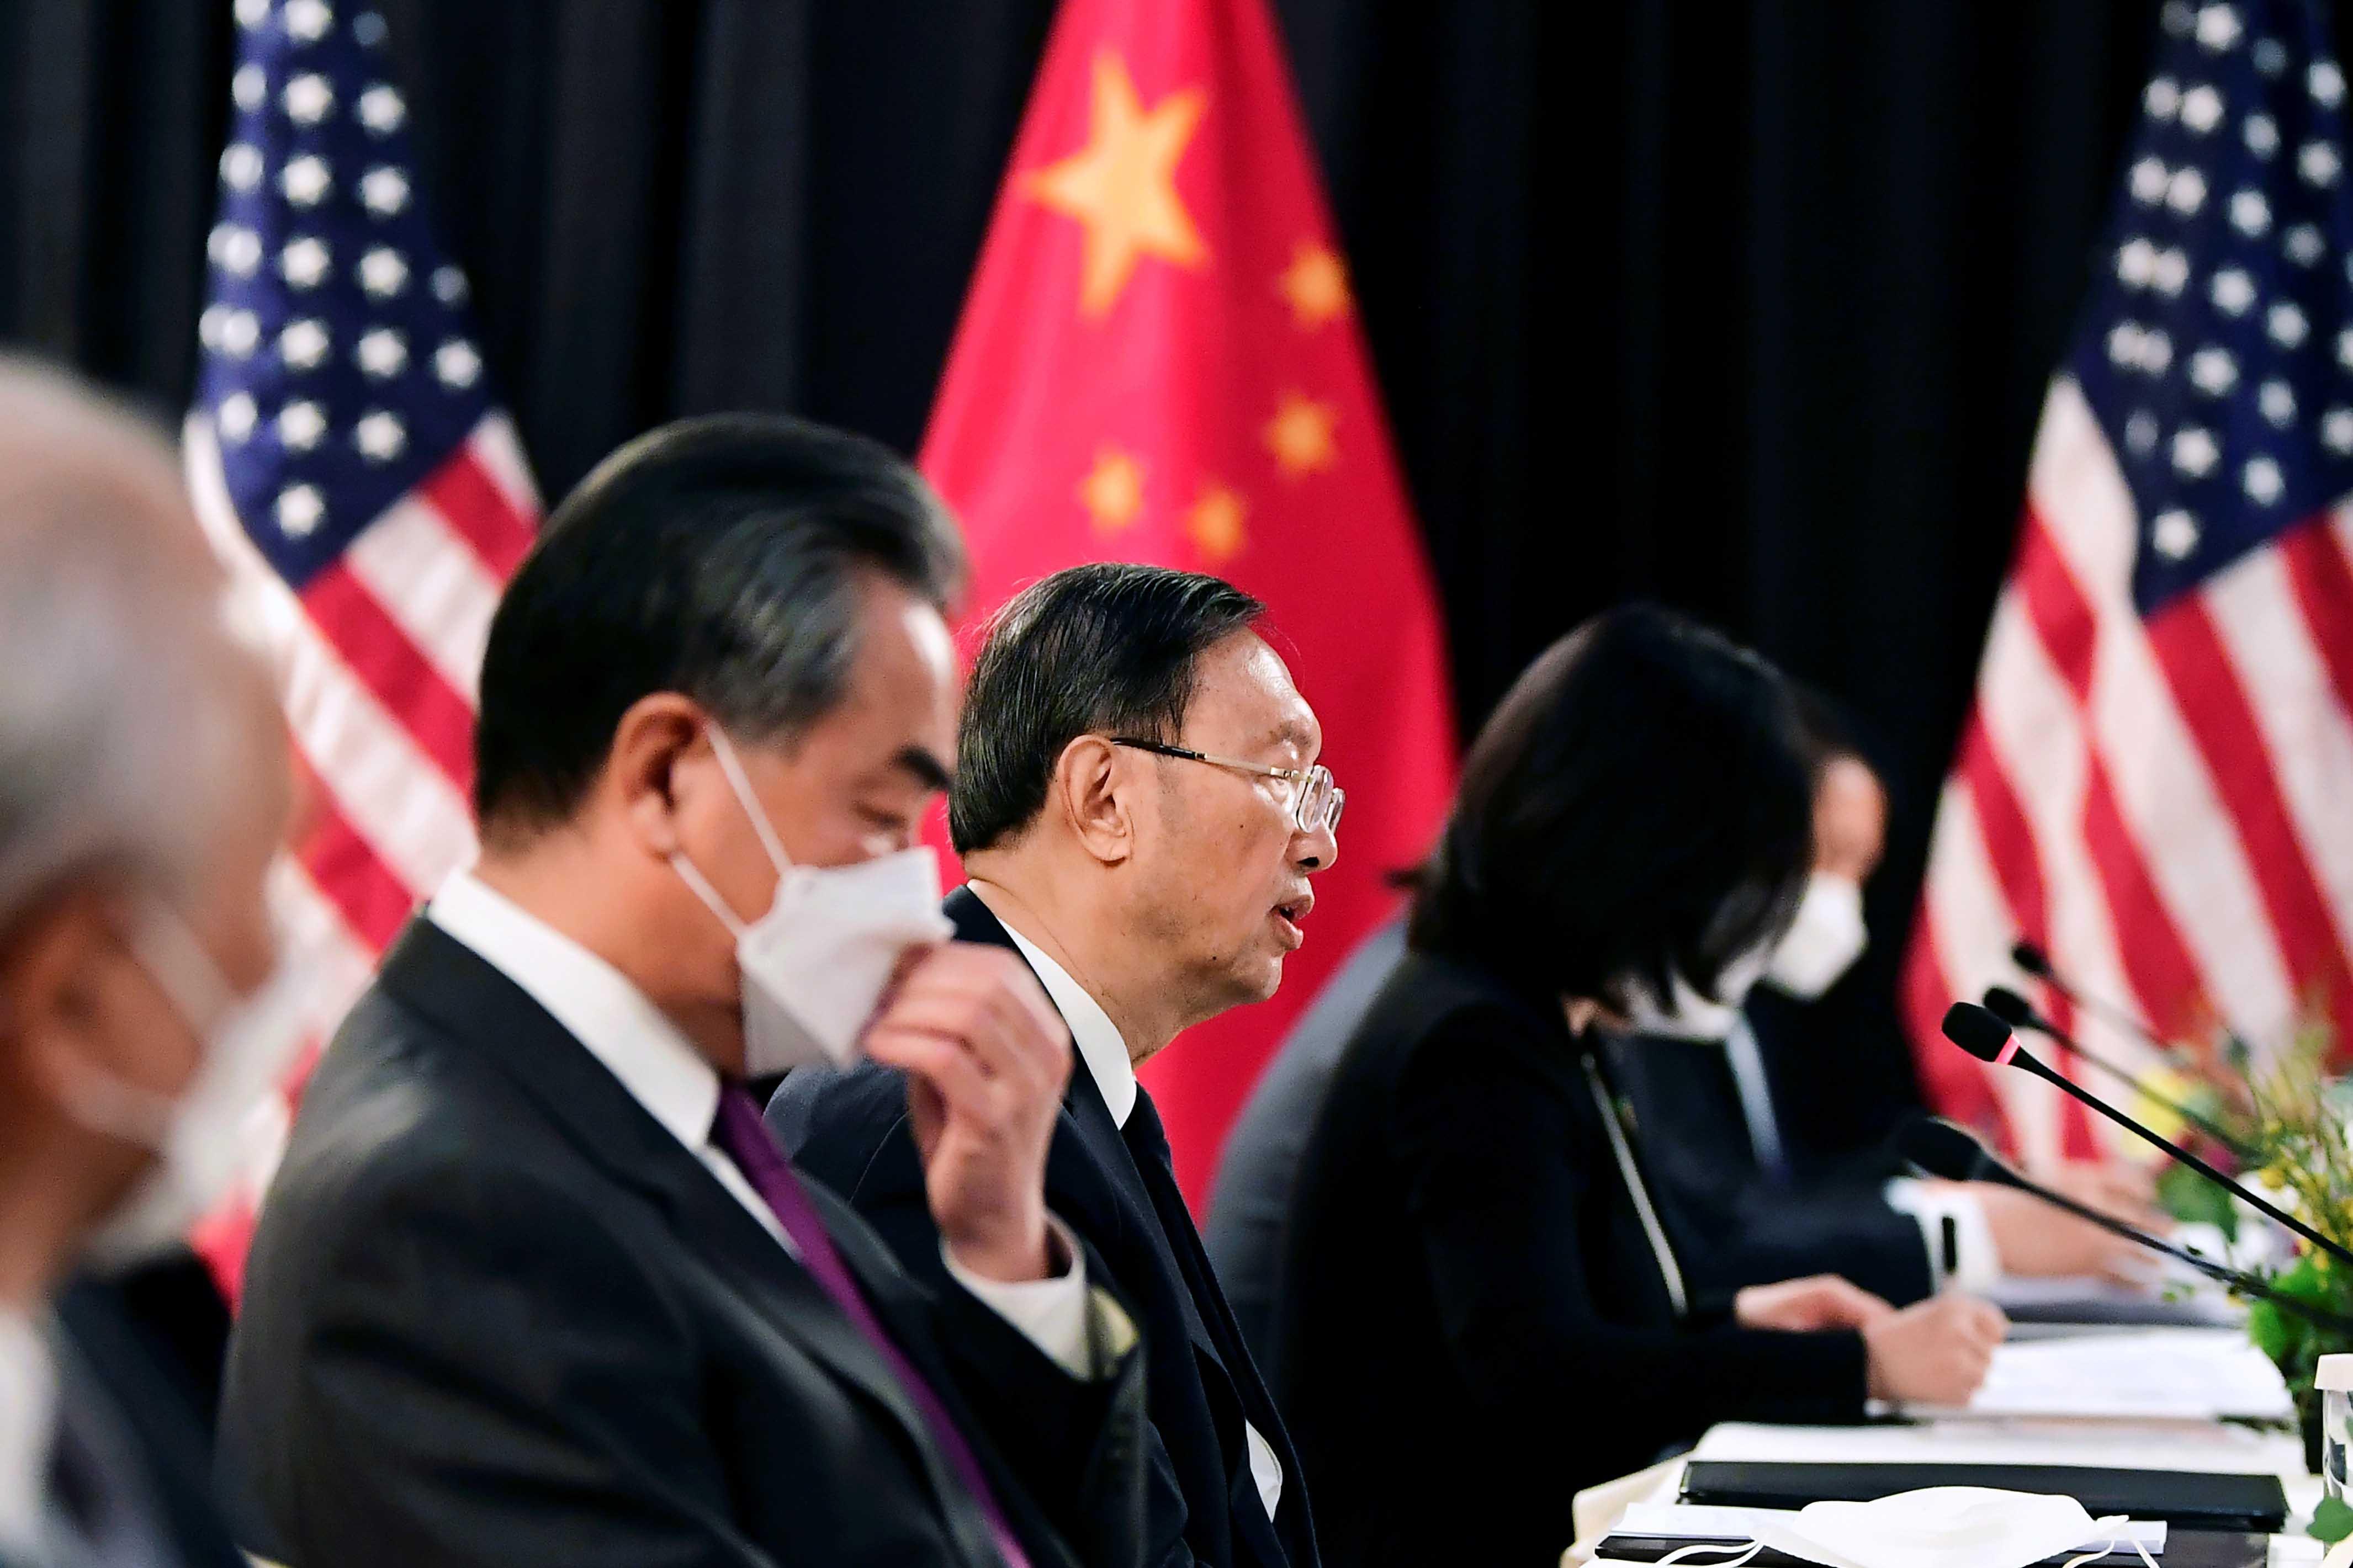 2021年3月18日美中會談上,中央外事工作委員會辦公室主任楊潔篪和外交部部長王毅率領的中國代表團。